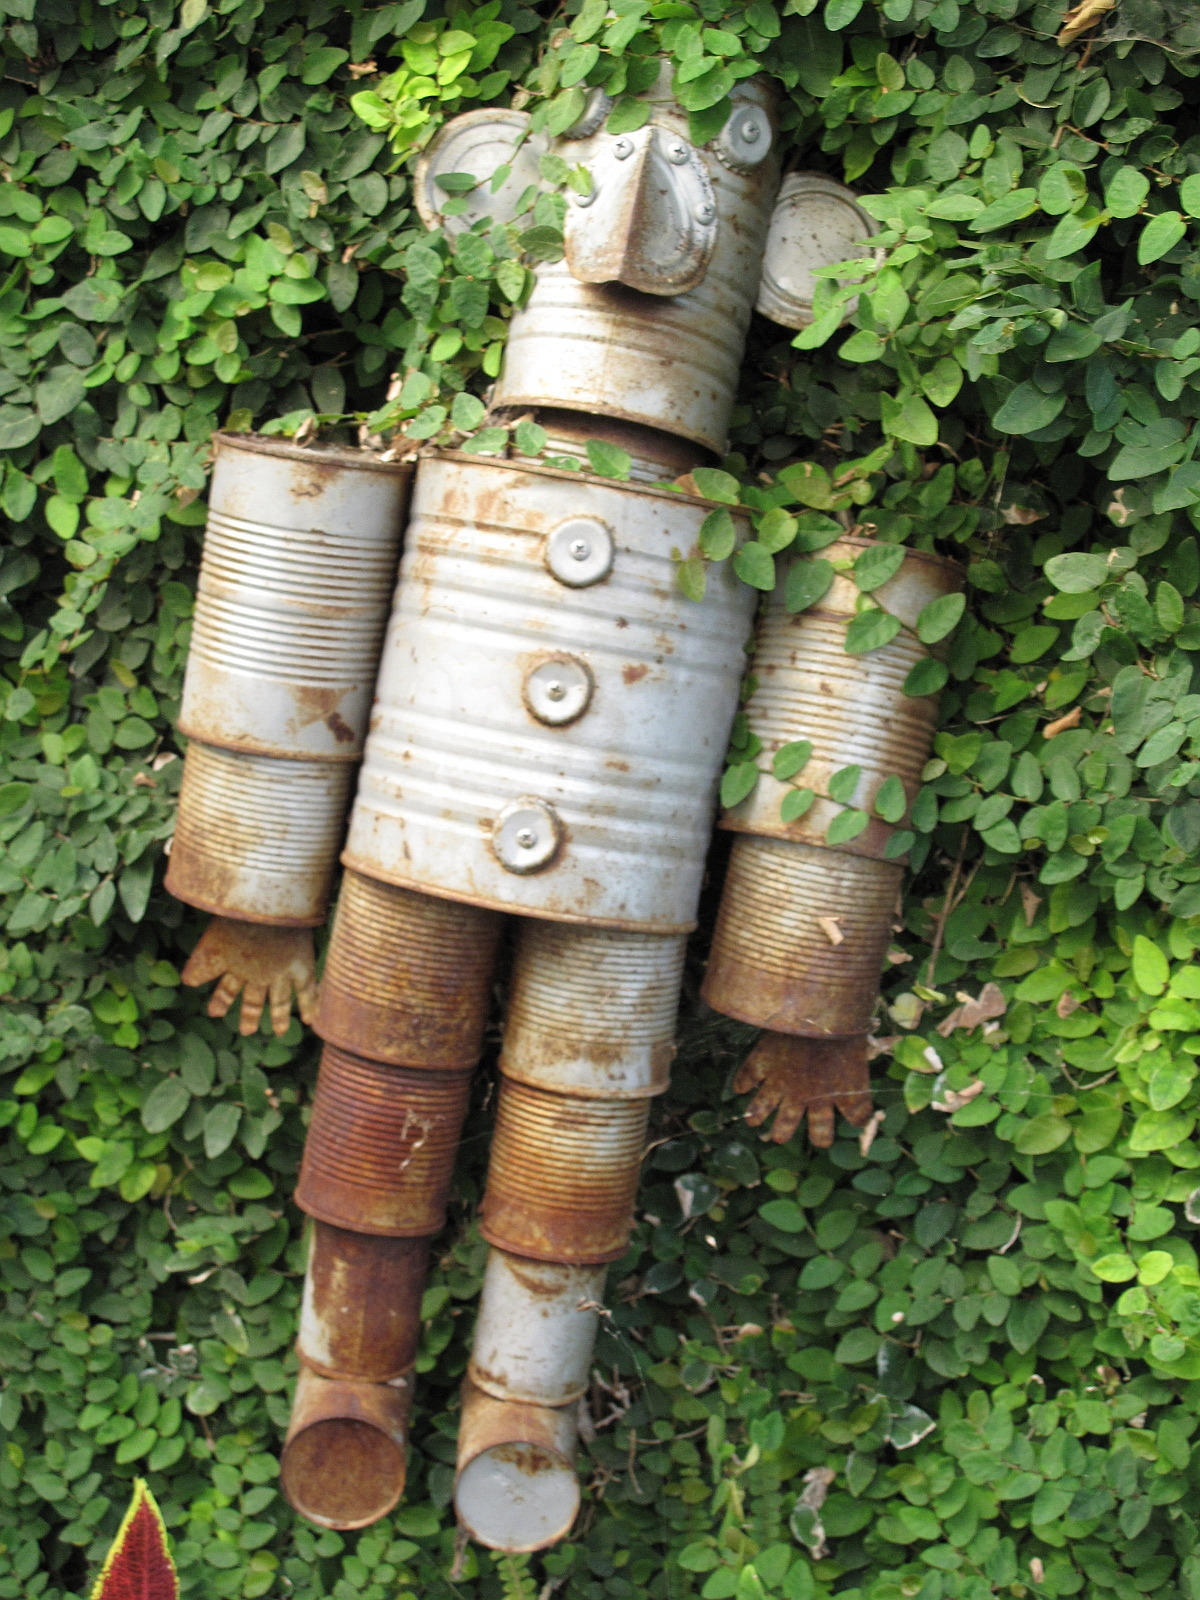 20+ Idées Géniales pour Recycler vos Boites de Conserves  20+ Idées Géniales pour Recycler vos Boites de Conserves  20+ Idées Géniales pour Recycler vos Boites de Conserves  20+ Idées Géniales pour Recycler vos Boites de Conserves  20+ Idées Géniales pour Recycler vos Boites de Conserves